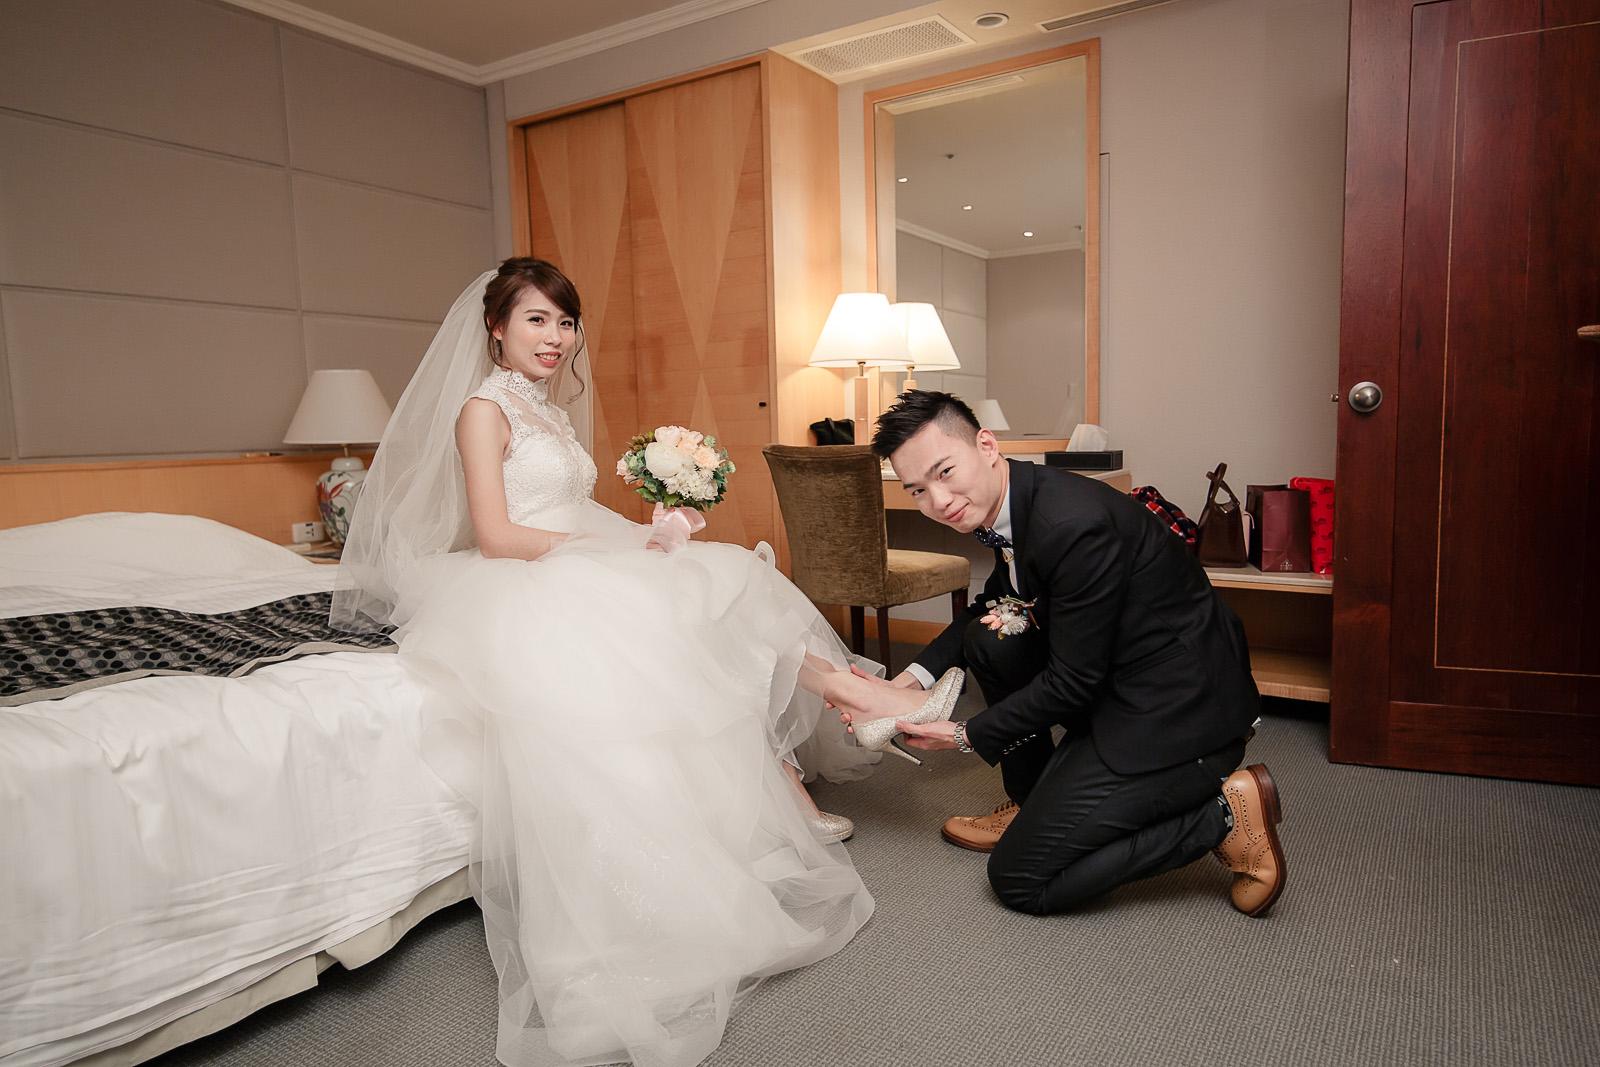 高雄圓山飯店,婚禮攝影,婚攝,高雄婚攝,優質婚攝推薦,Jen&Ethan-137